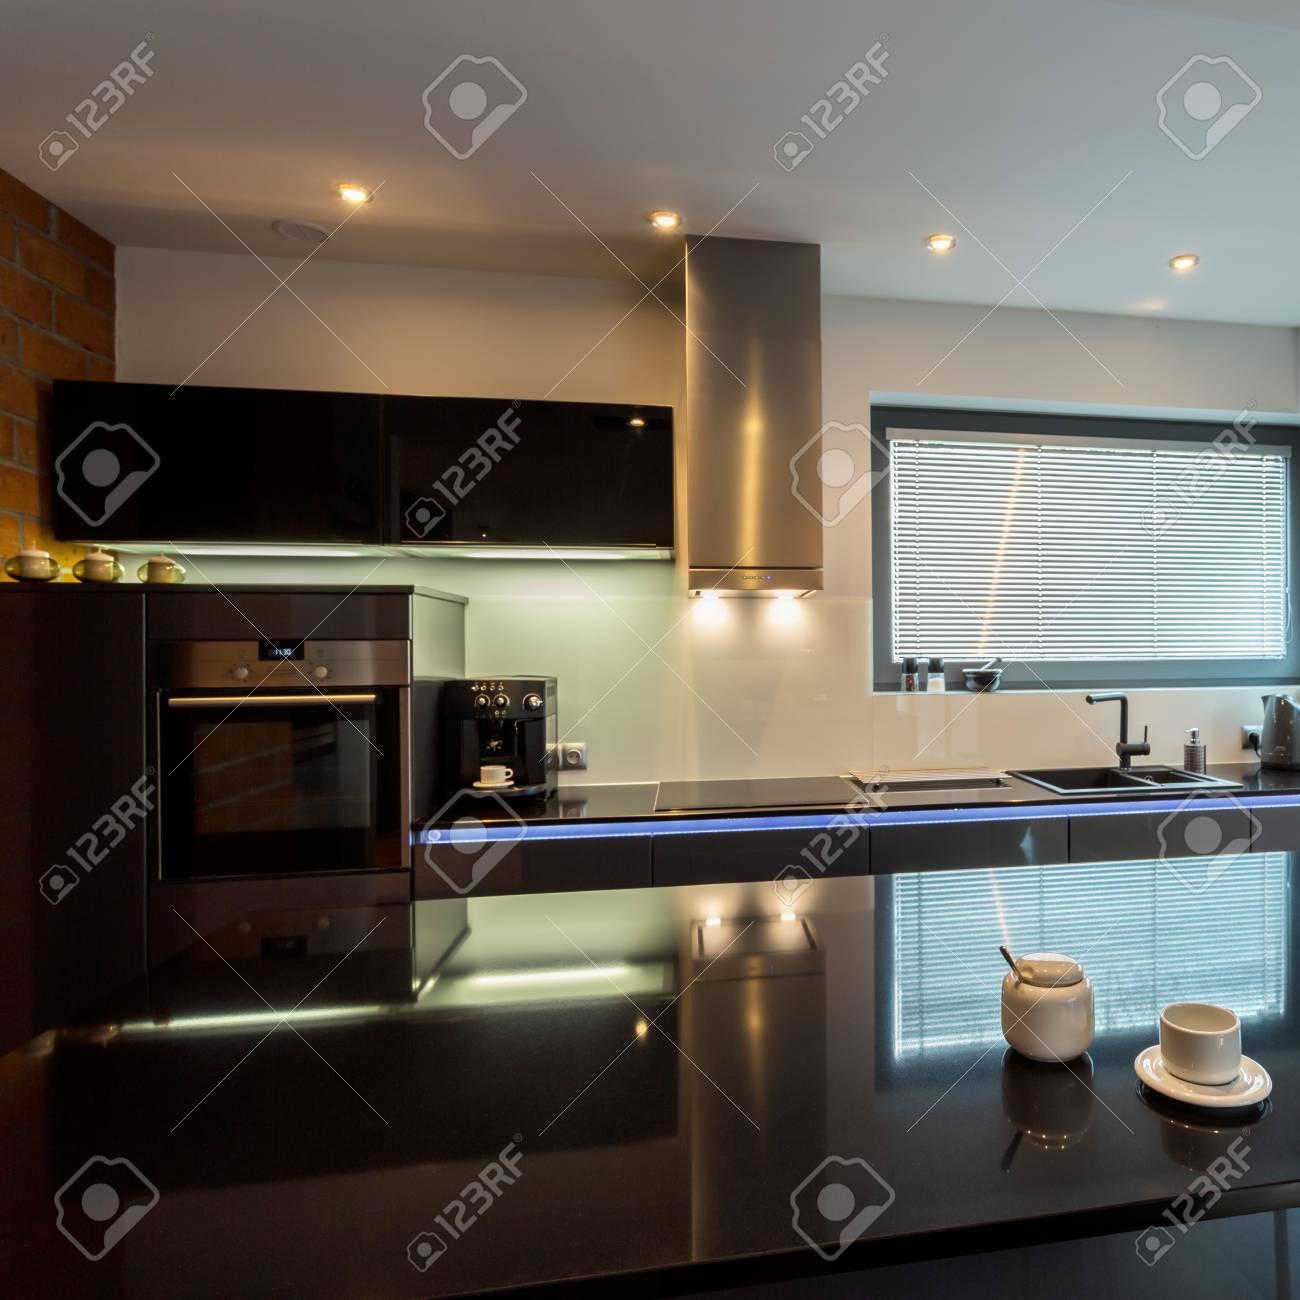 Moderne Luxus Kuche Mit Marmor Insel Lizenzfreie Fotos Bilder Und